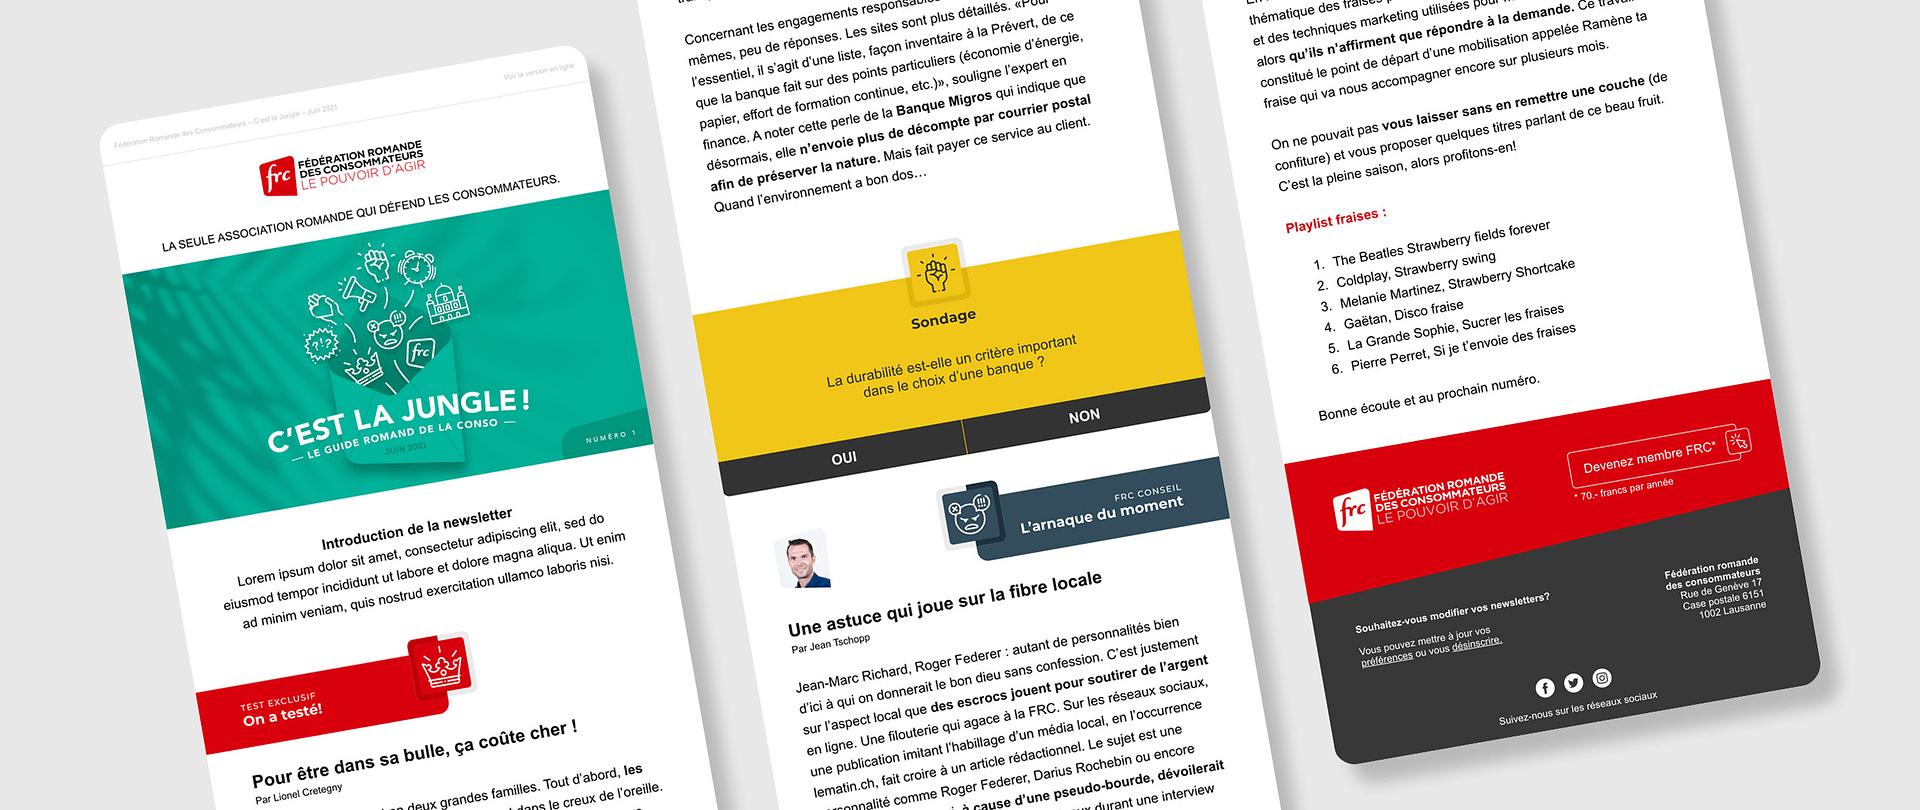 Maquettes de la newsletter de la Fédération romande des consommateurs réalisées par TMKL